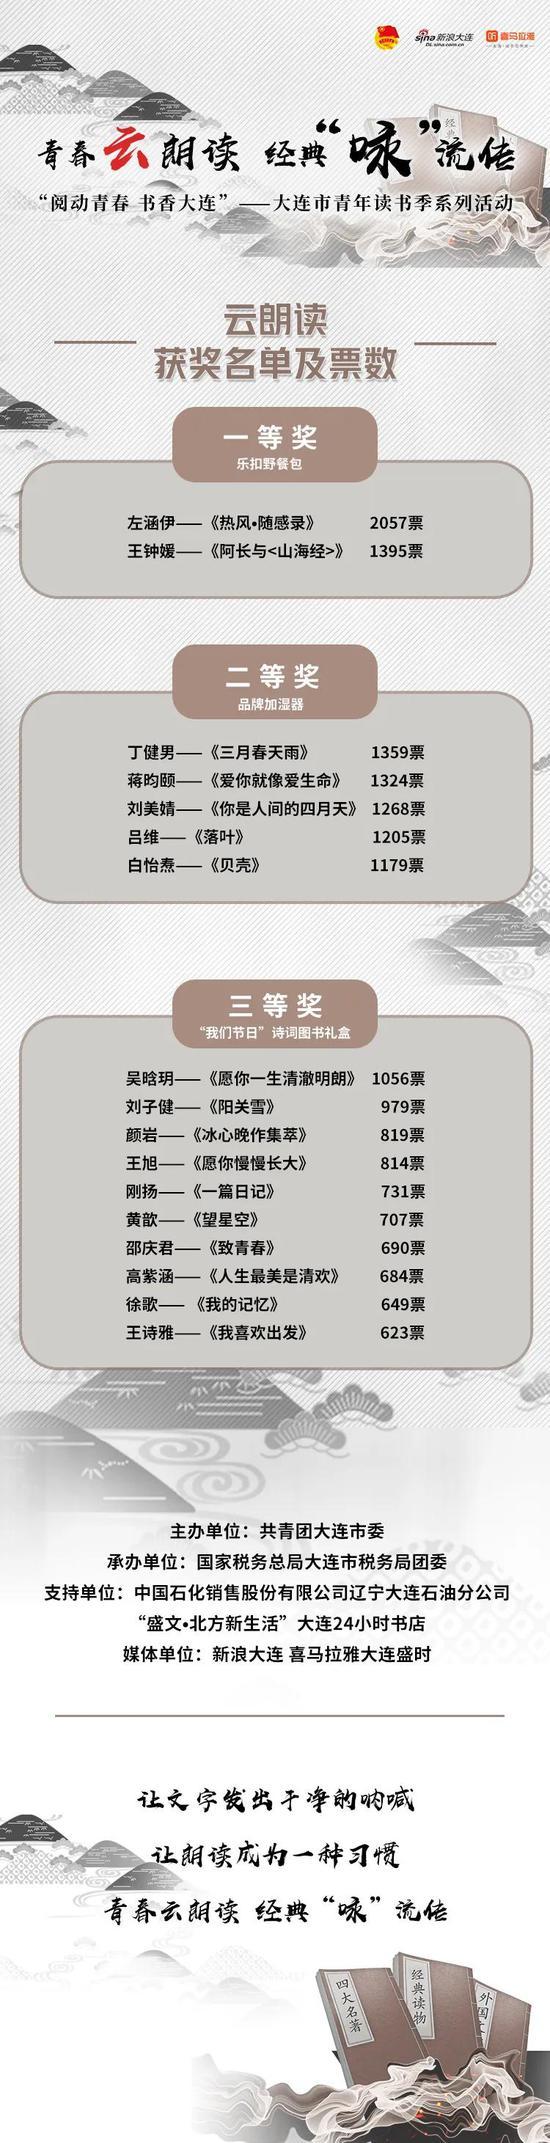 云朗读获奖名单